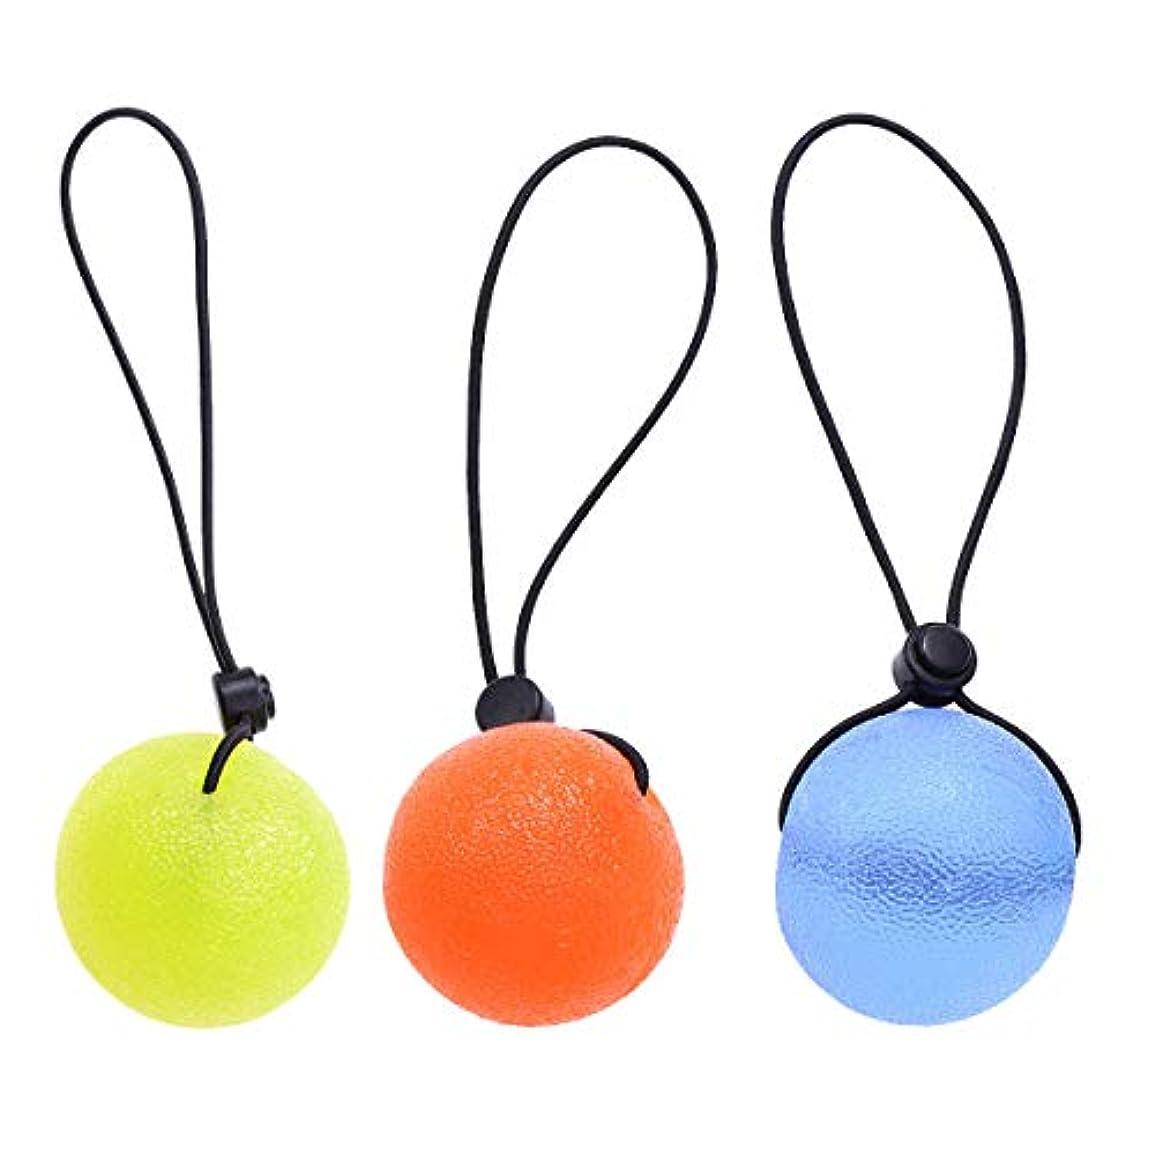 資産水分ポイントSUPVOX 3個ハンドグリップ強化剤フィンガーグリップセラピーエクササイズスクイズストレスボール